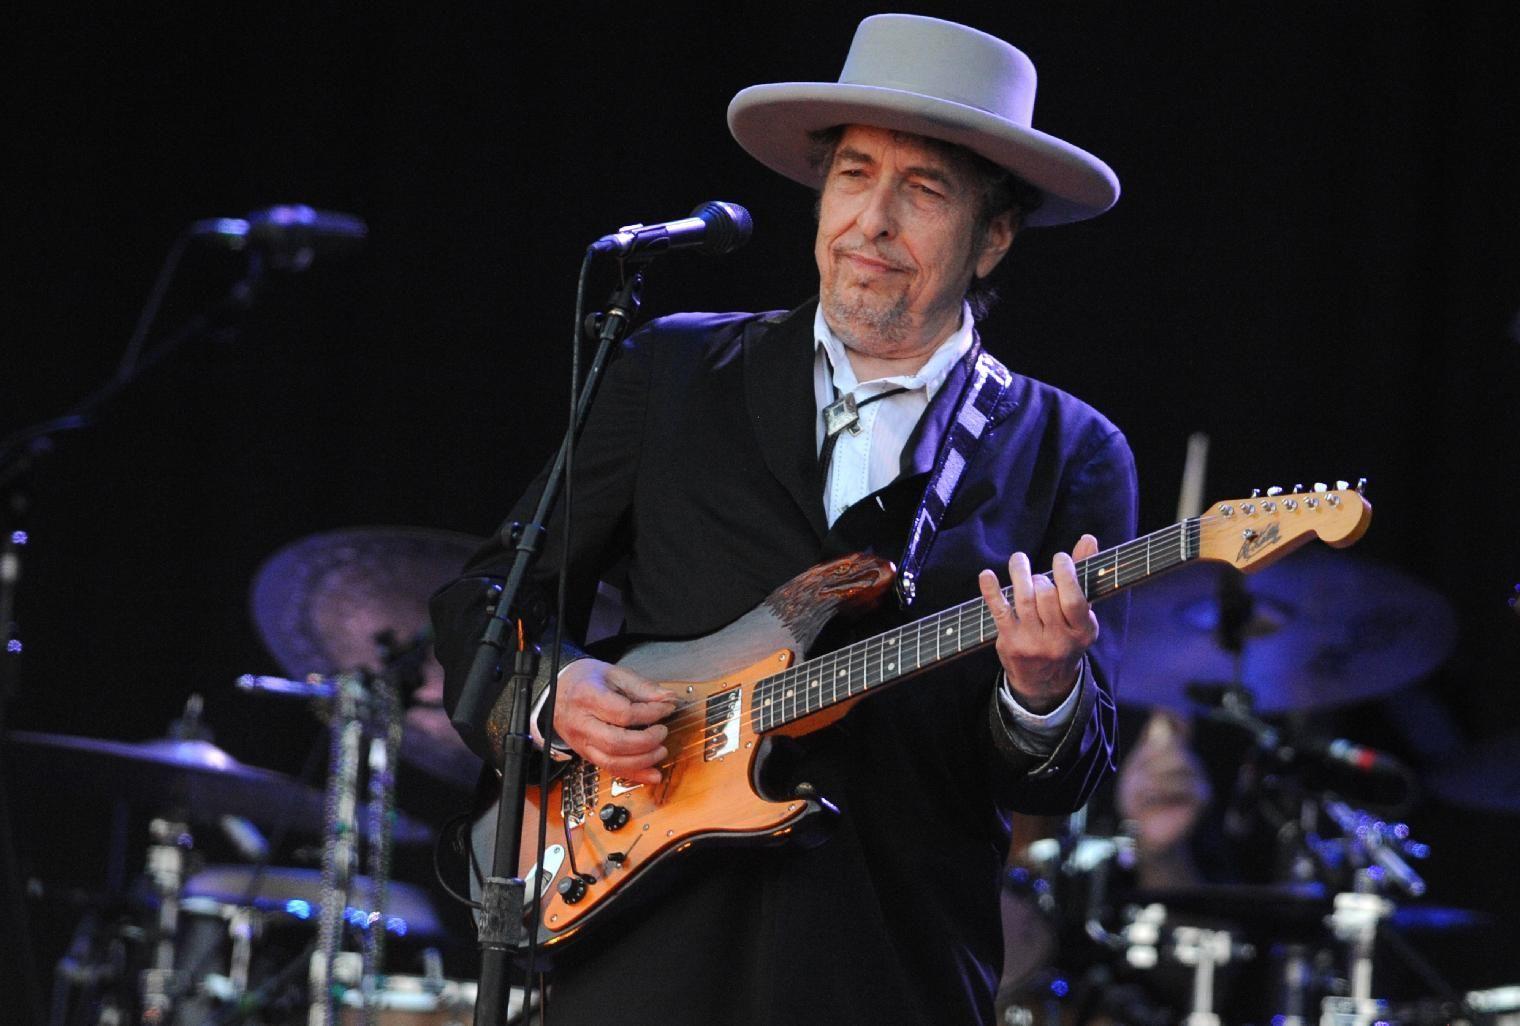 Нобелевскую премию по литературе получил Боб Дилан. ФОТО: AFP